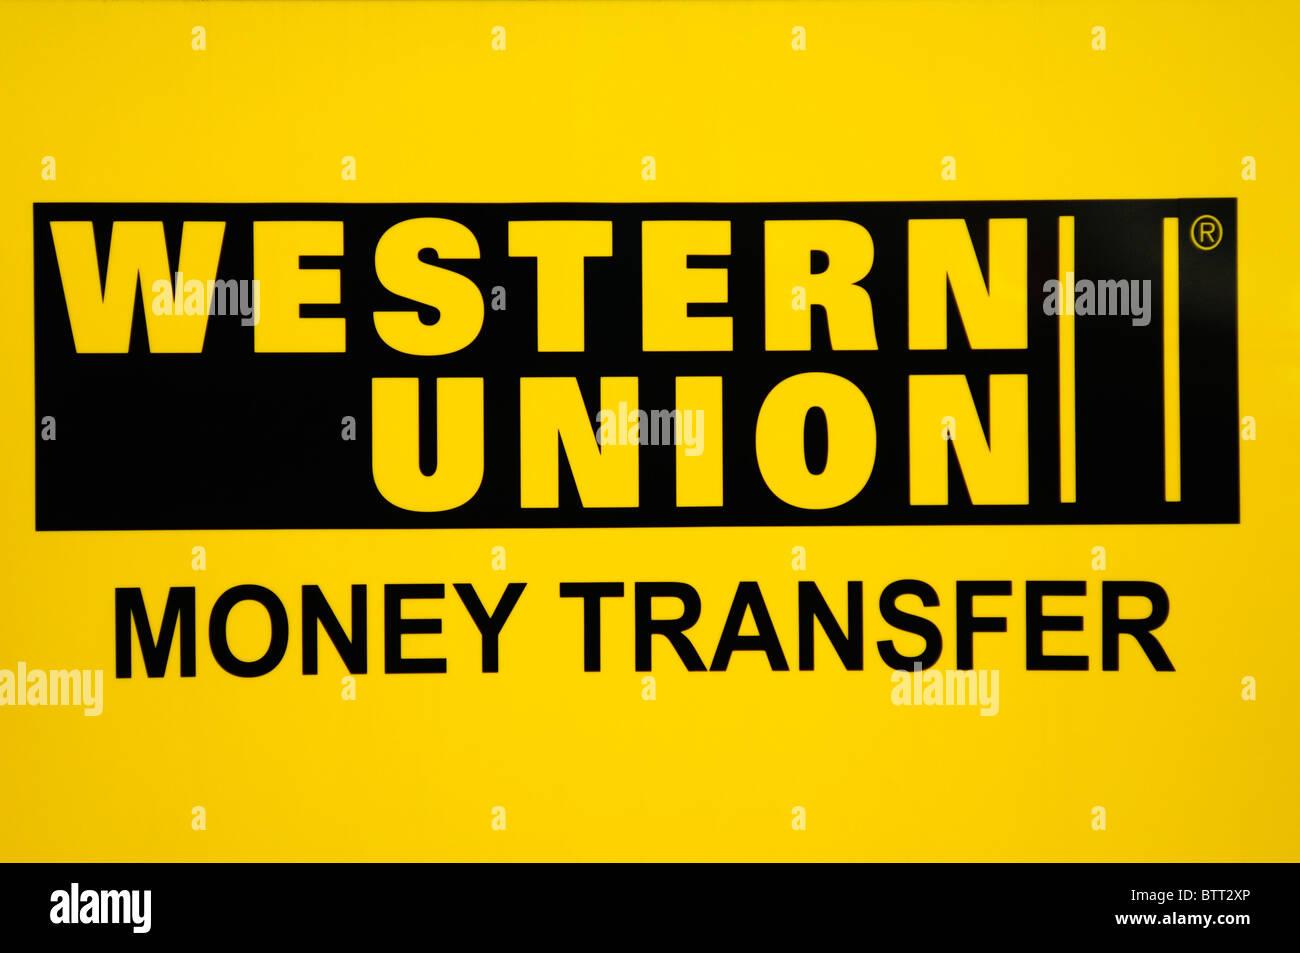 Inscription Stock London Banque Logo Union - England D'argent Uk D'images Western Transfert Alamy Photo 32491278